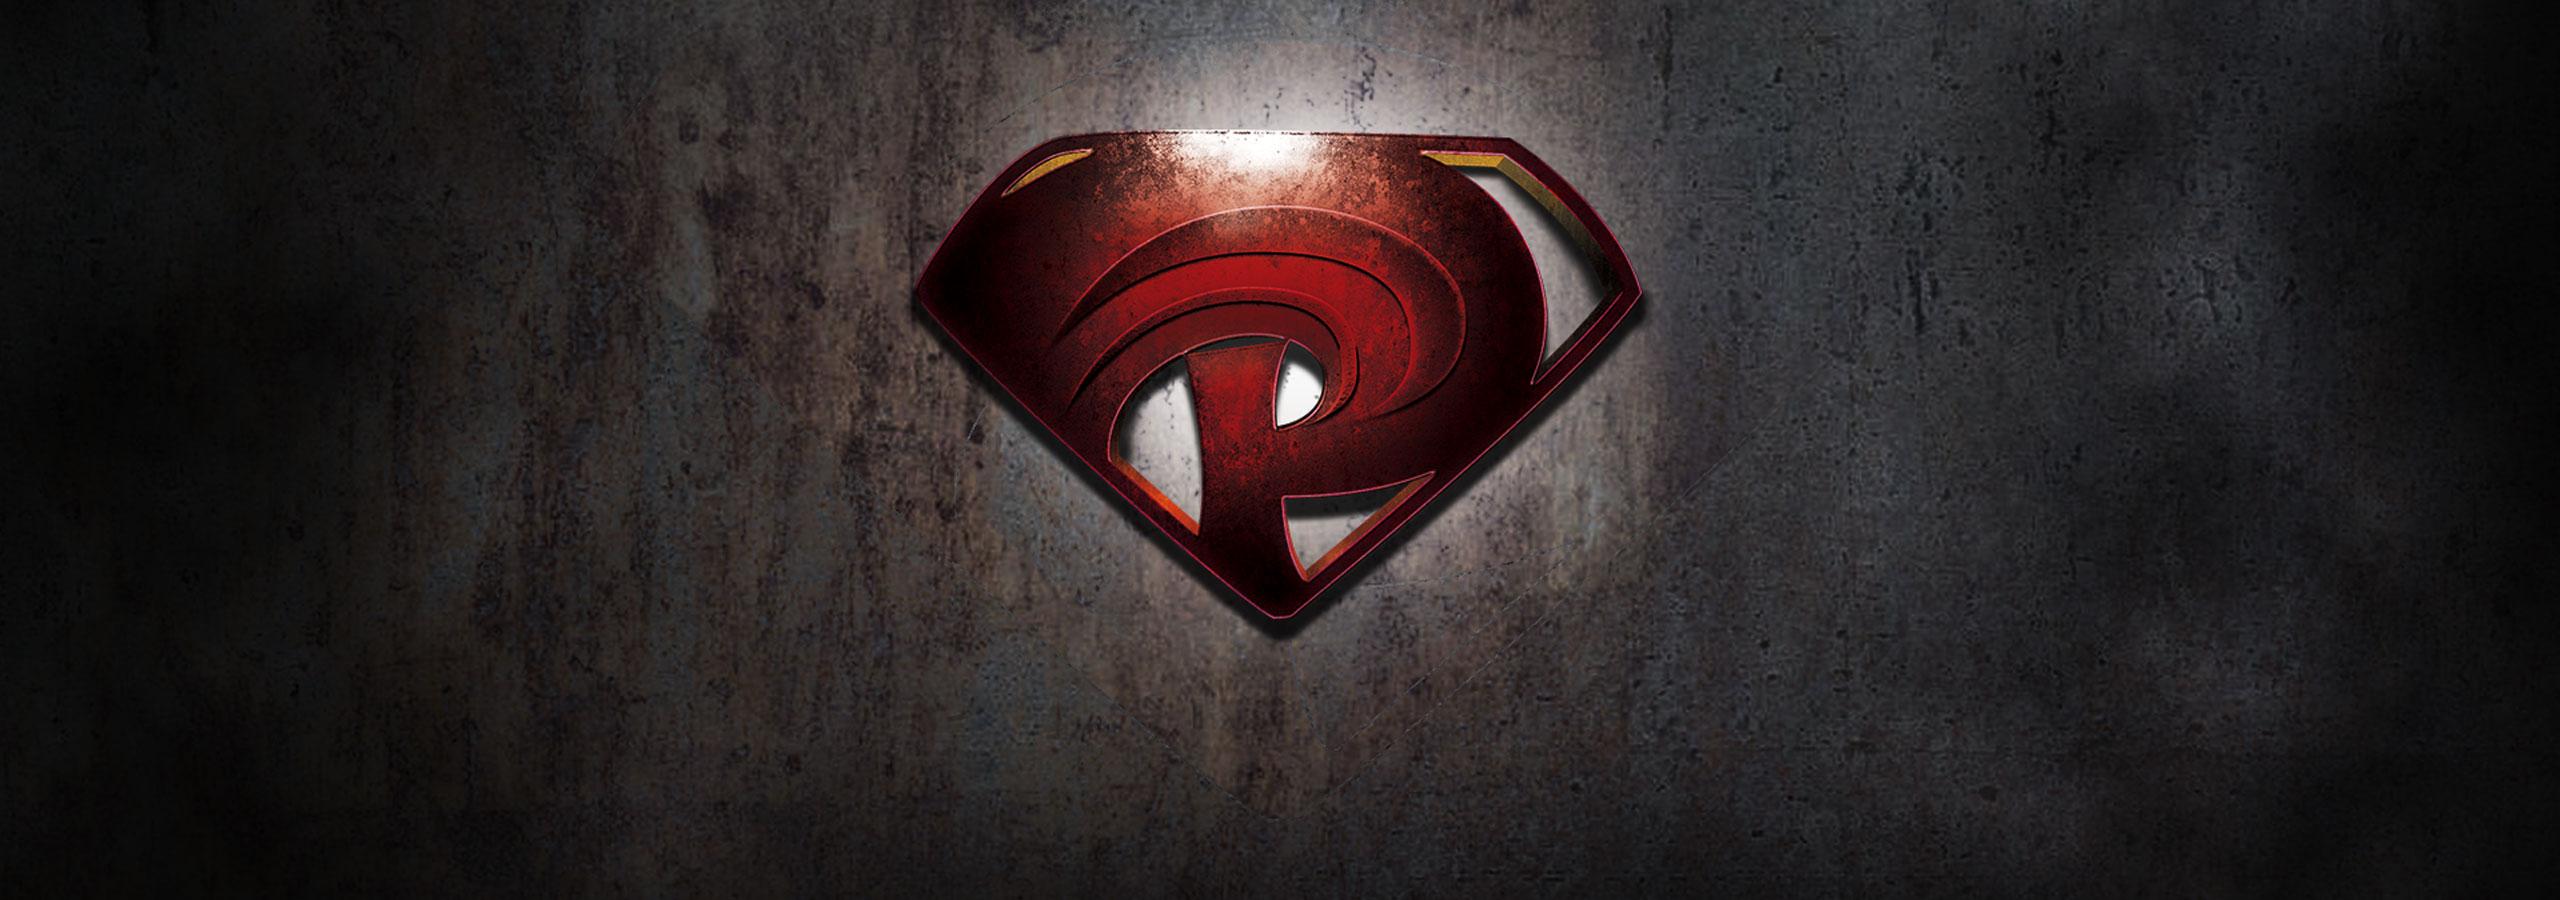 super-p-logo-website-bg2.jpg